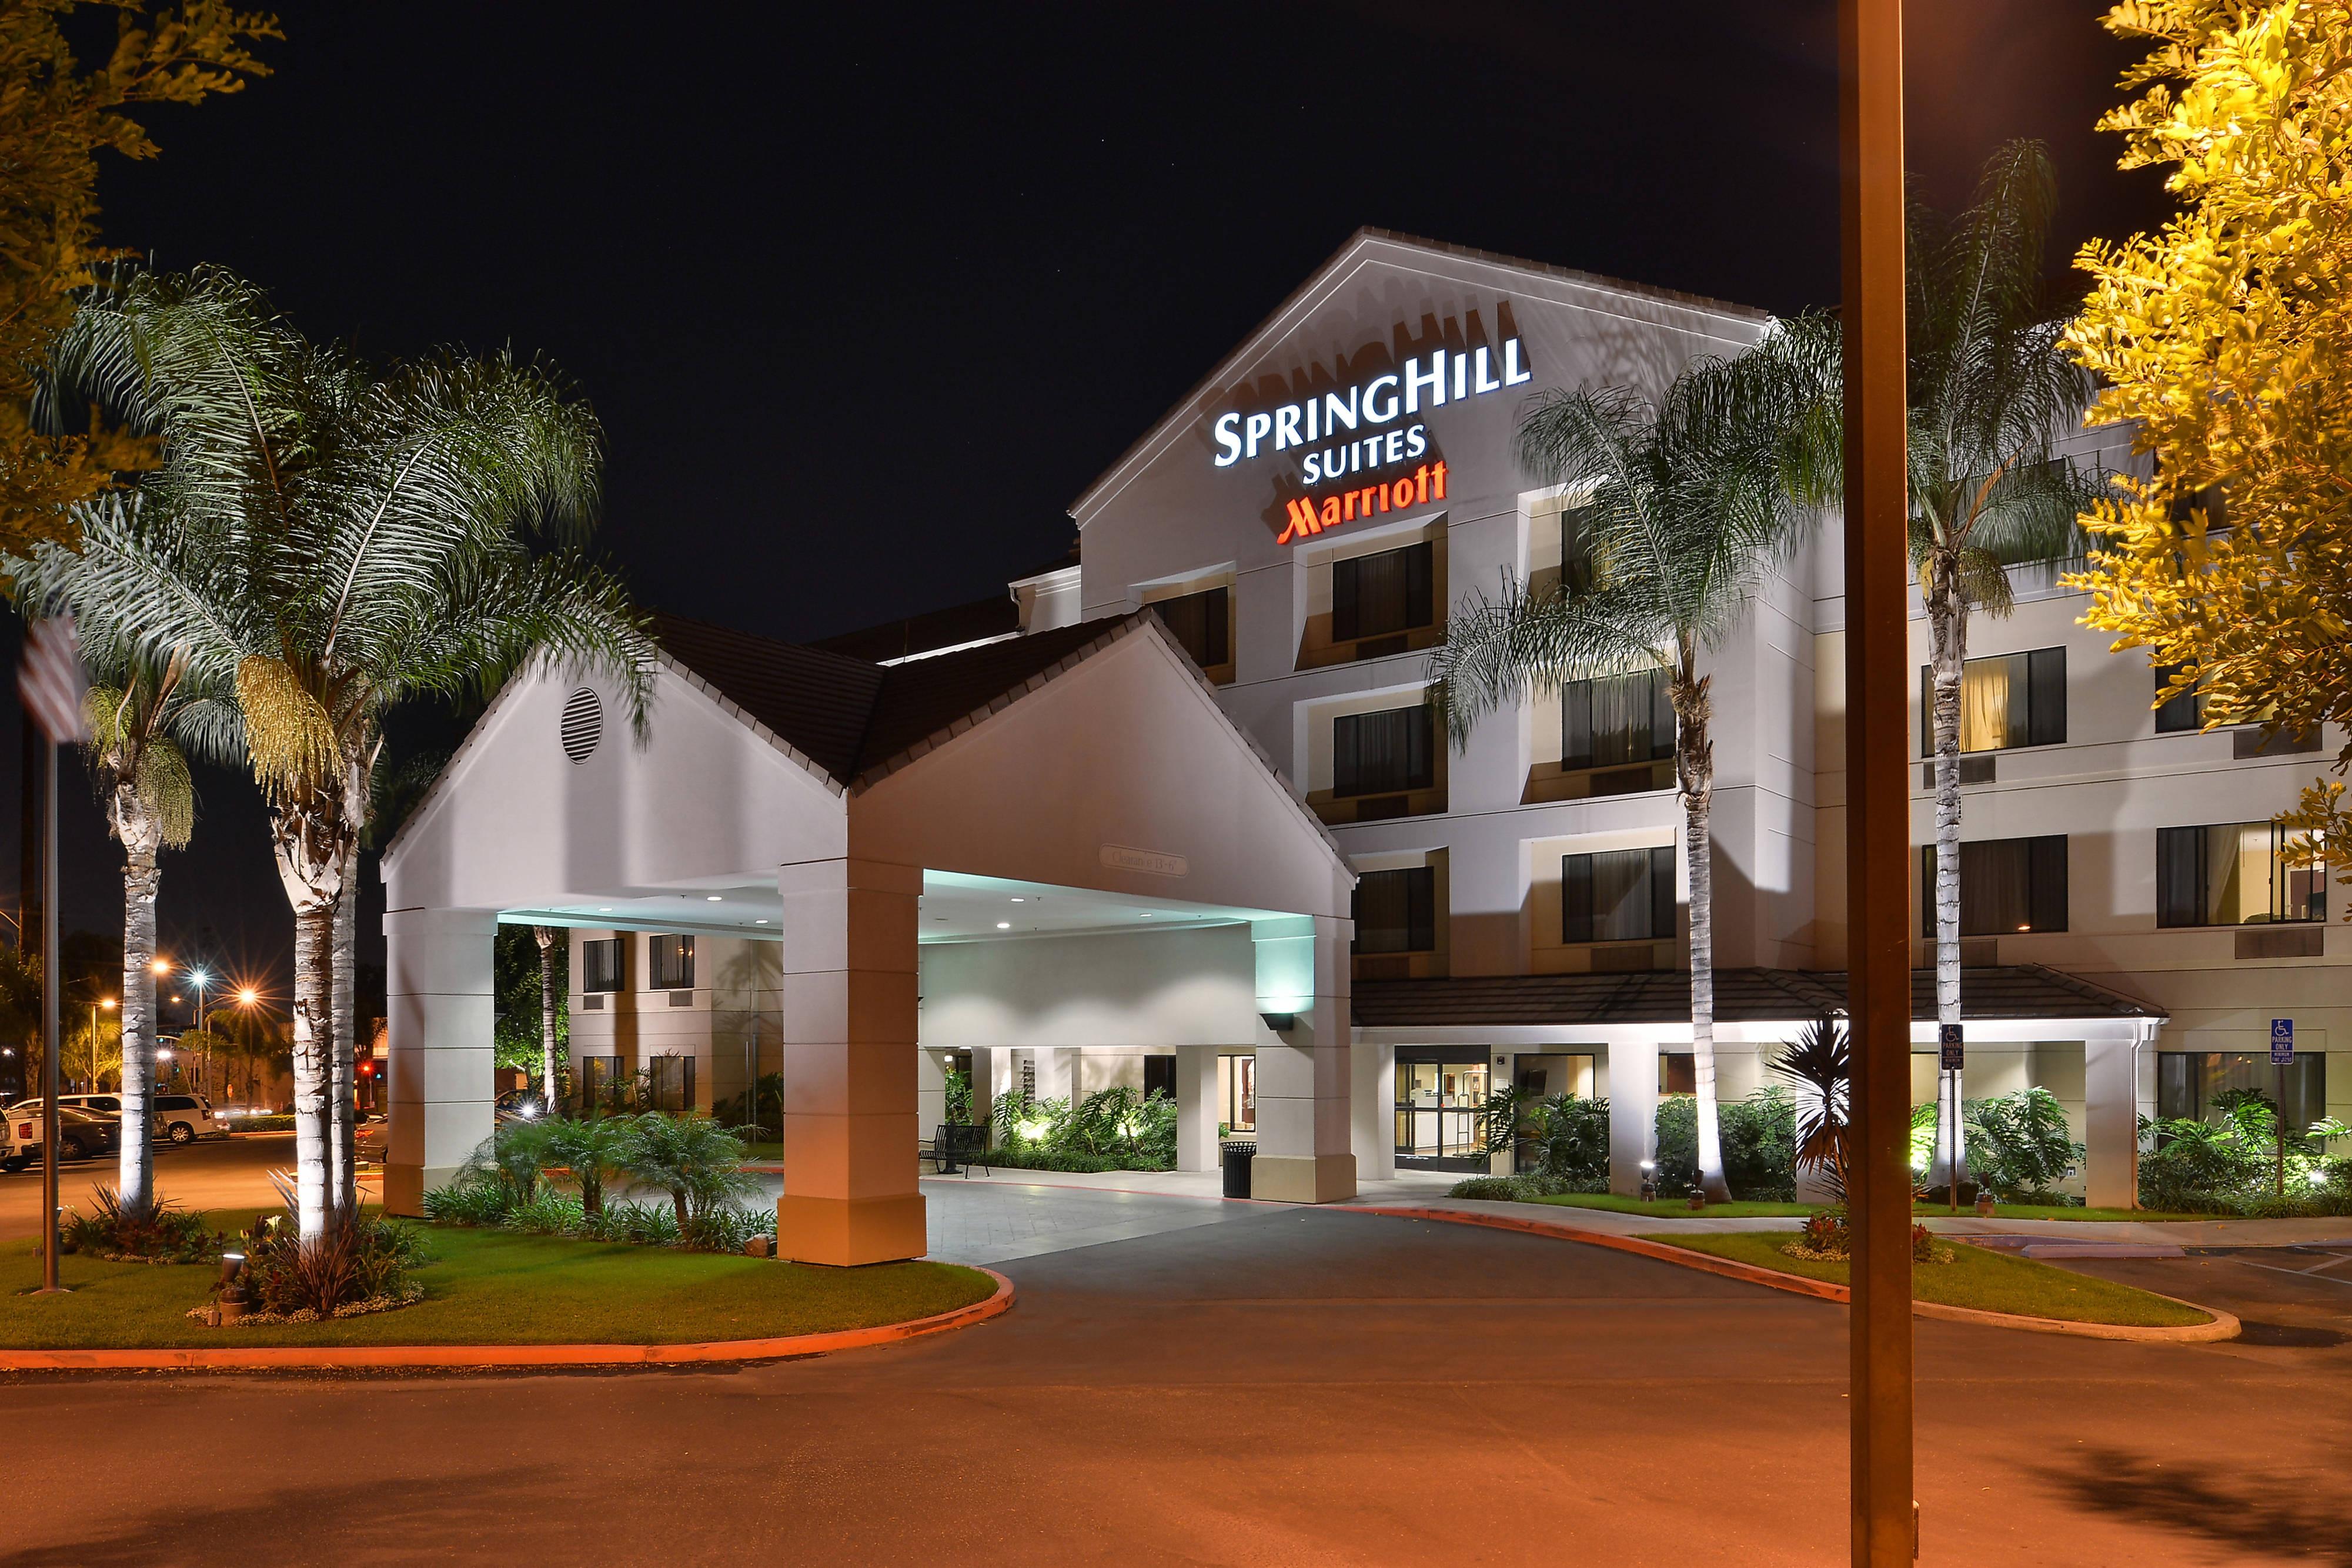 SpringHill Suites Arcadia Hotel Exterior